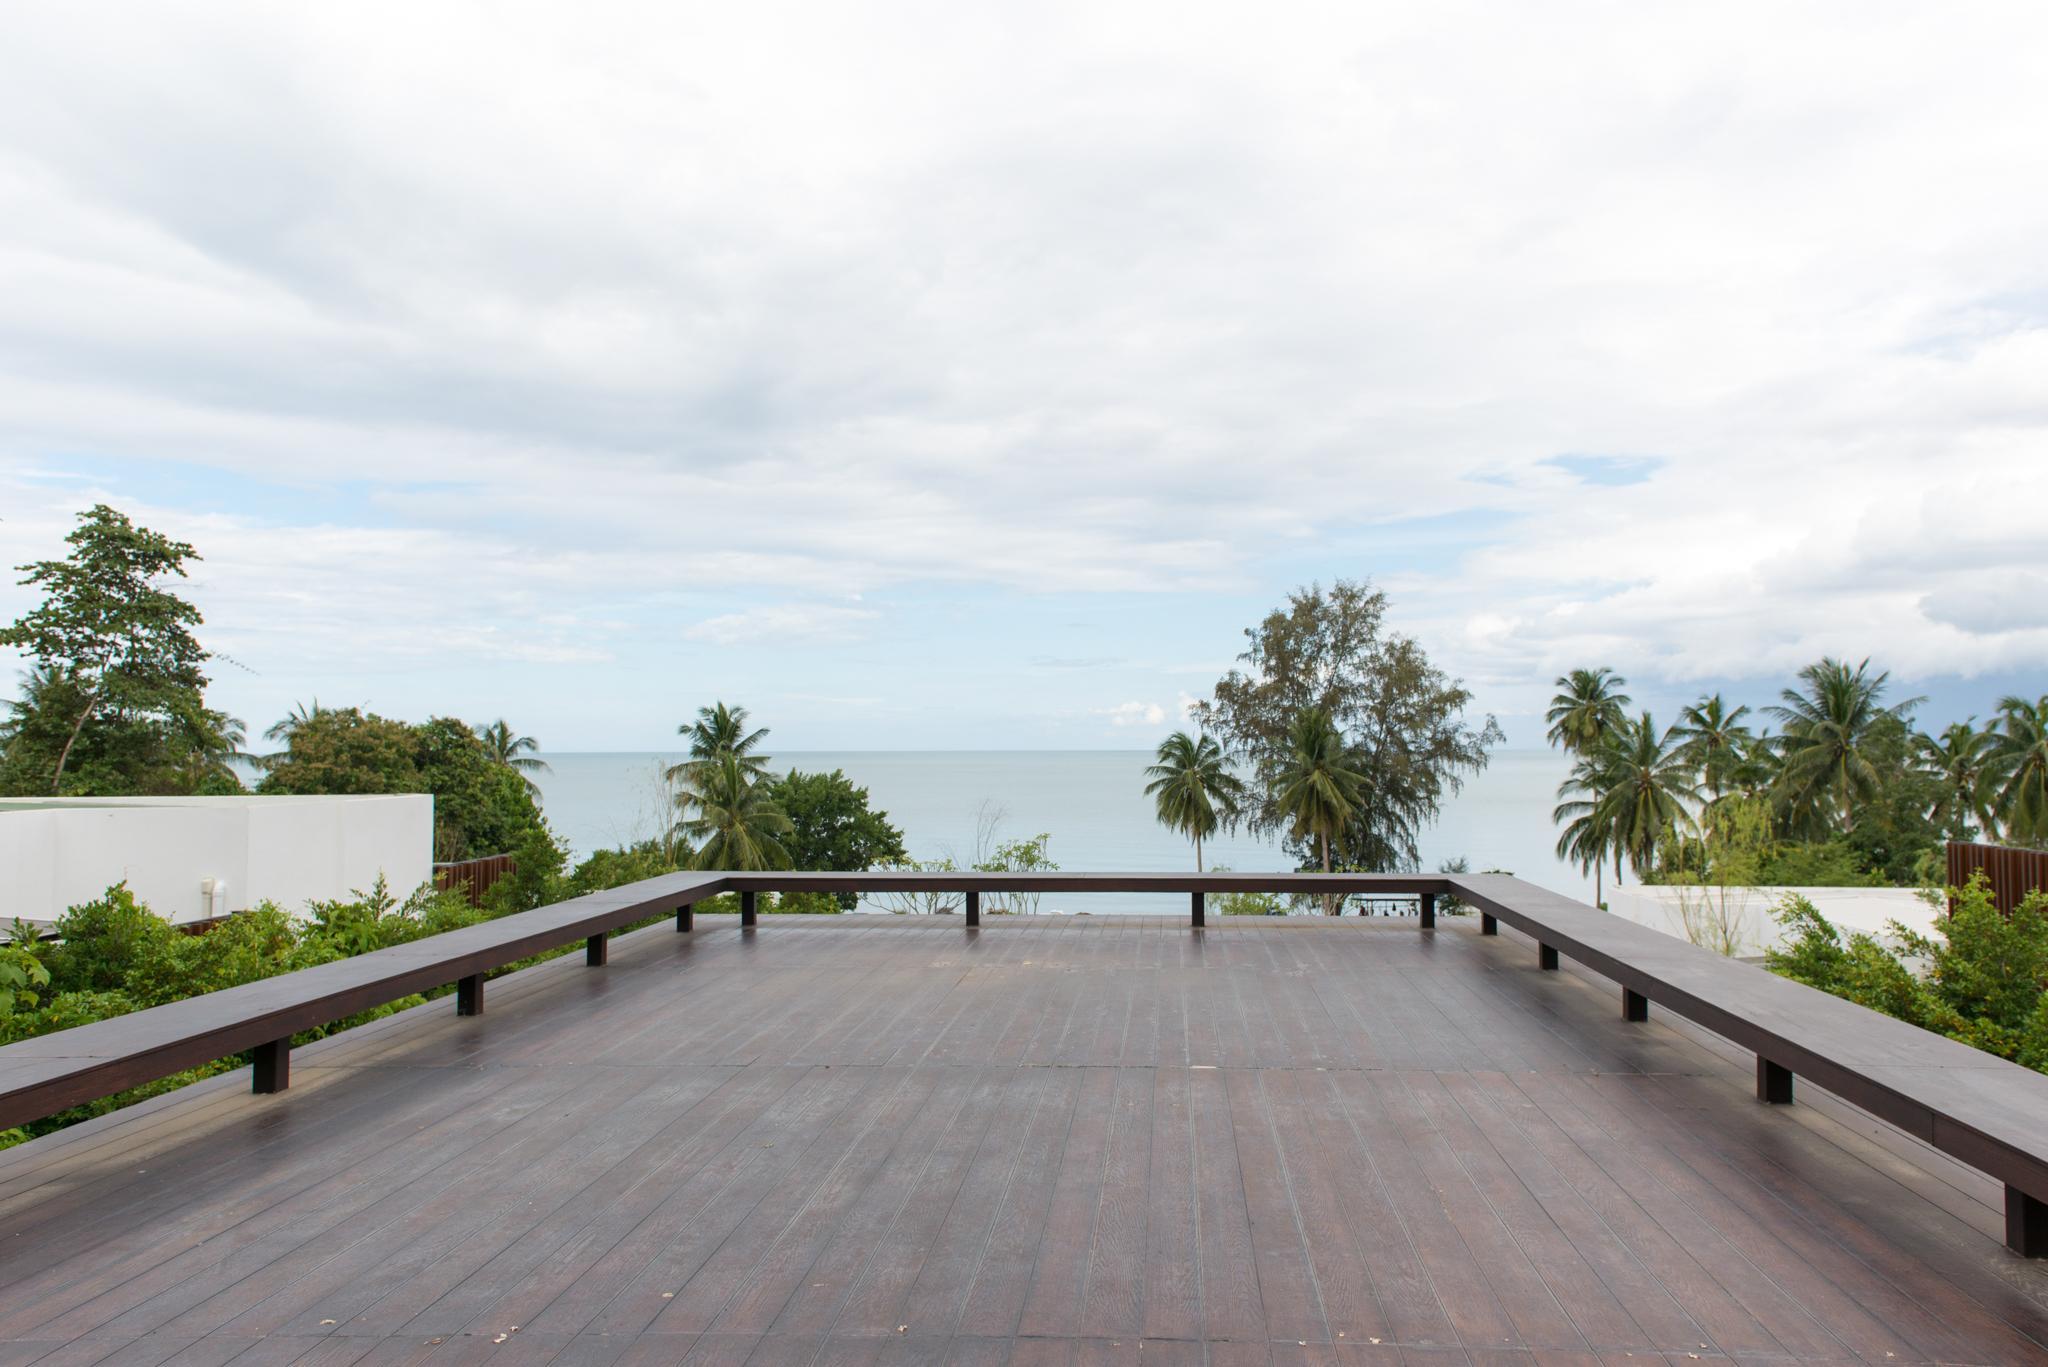 SEAnery Beach Resort,ซีเนรี่ บีช รีสอร์ท